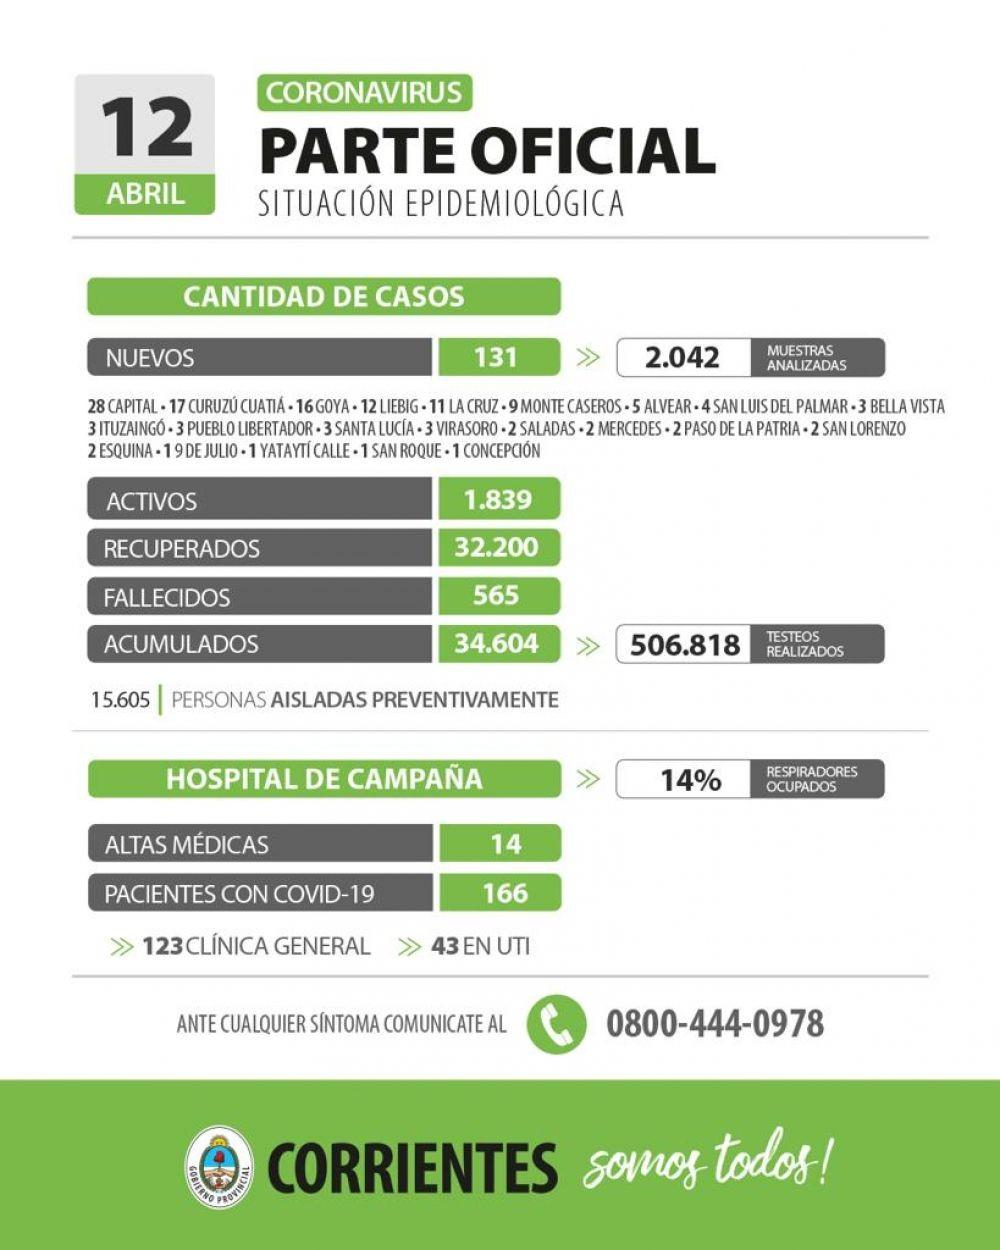 Informan de 131 nuevos casos de coronavirus en Corrientes